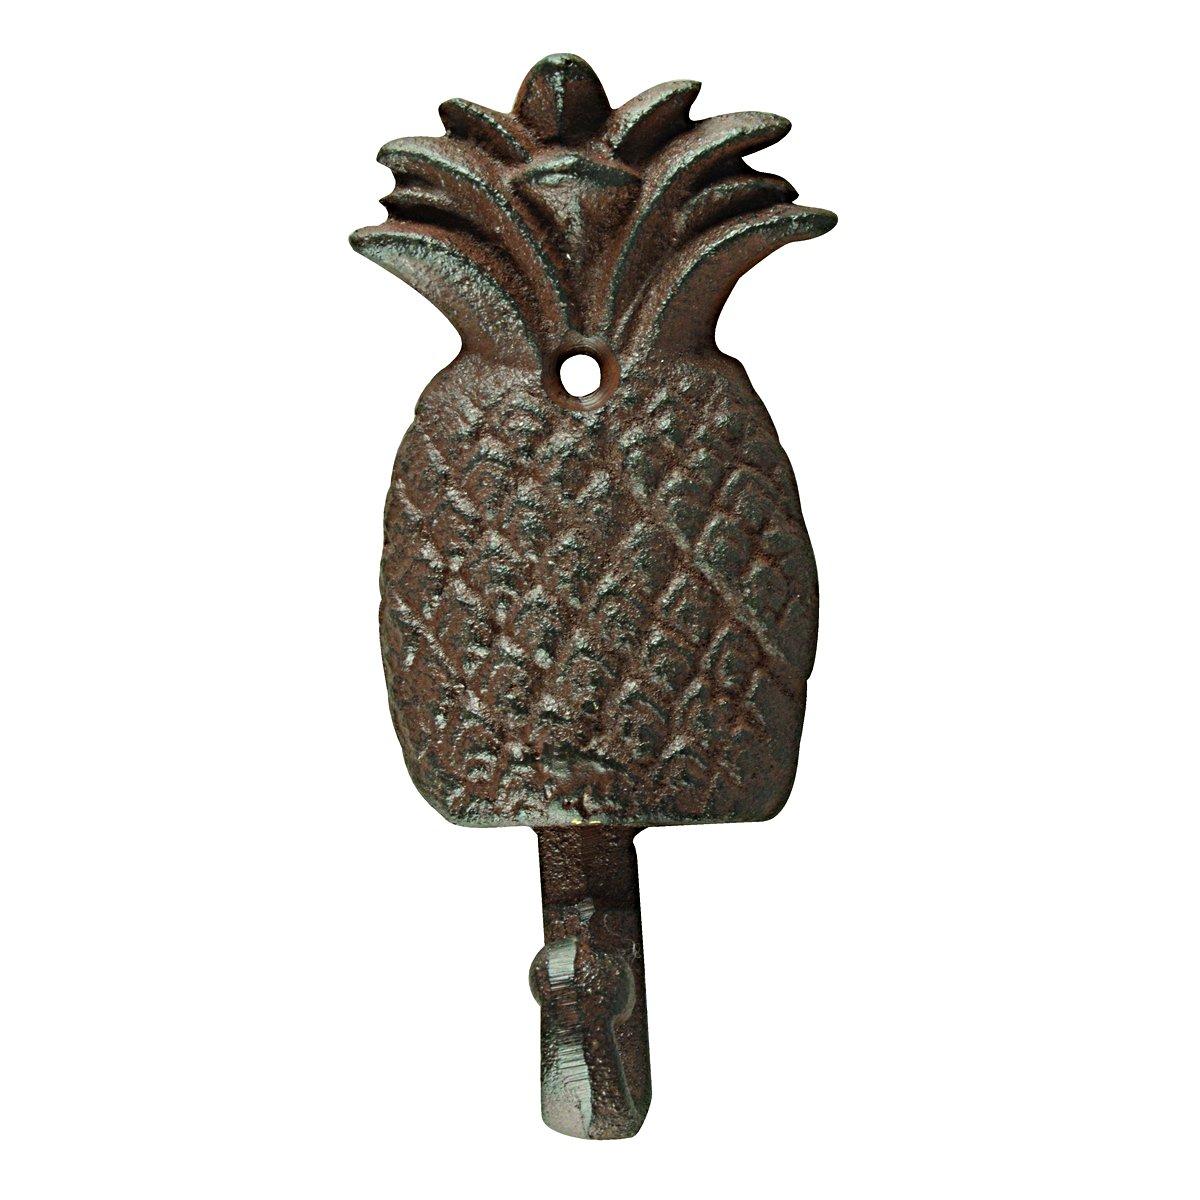 Afbeelding van Esschert Ananas haak enkel 6,2x3,7x13,7cm